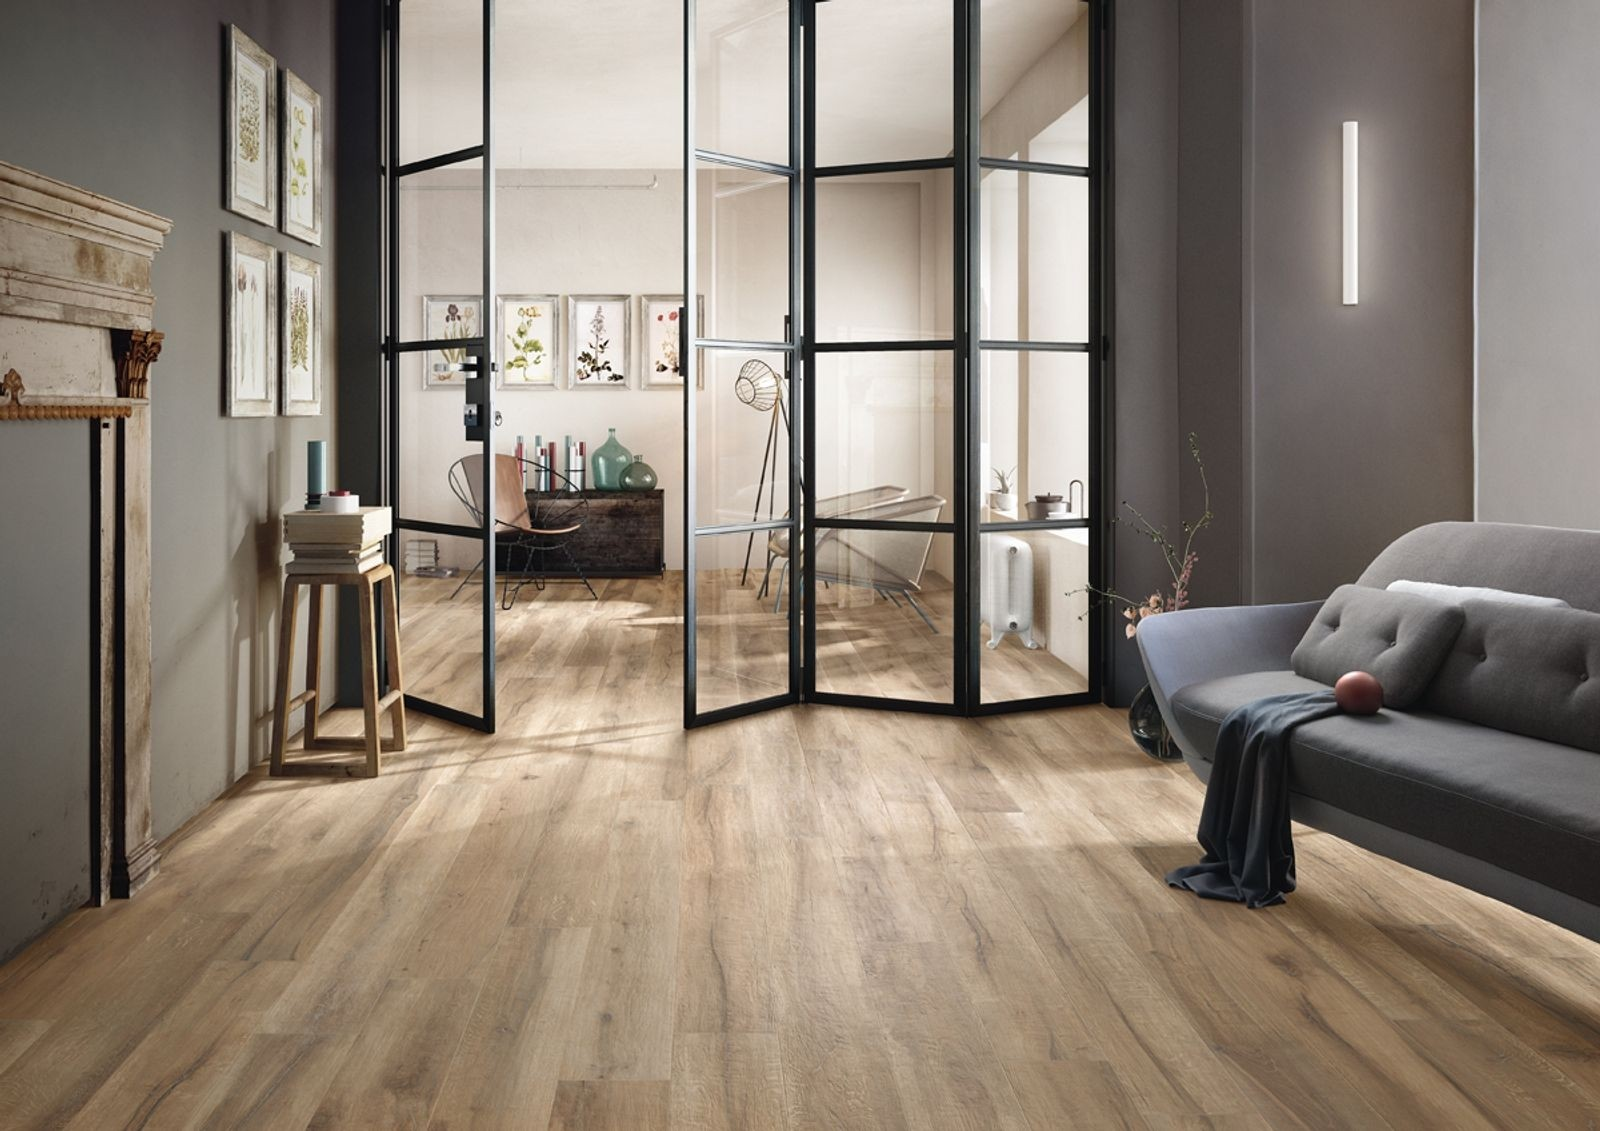 Carrelage intérieur KUNI 20x120 rectifié - IMOLA CERAMICA